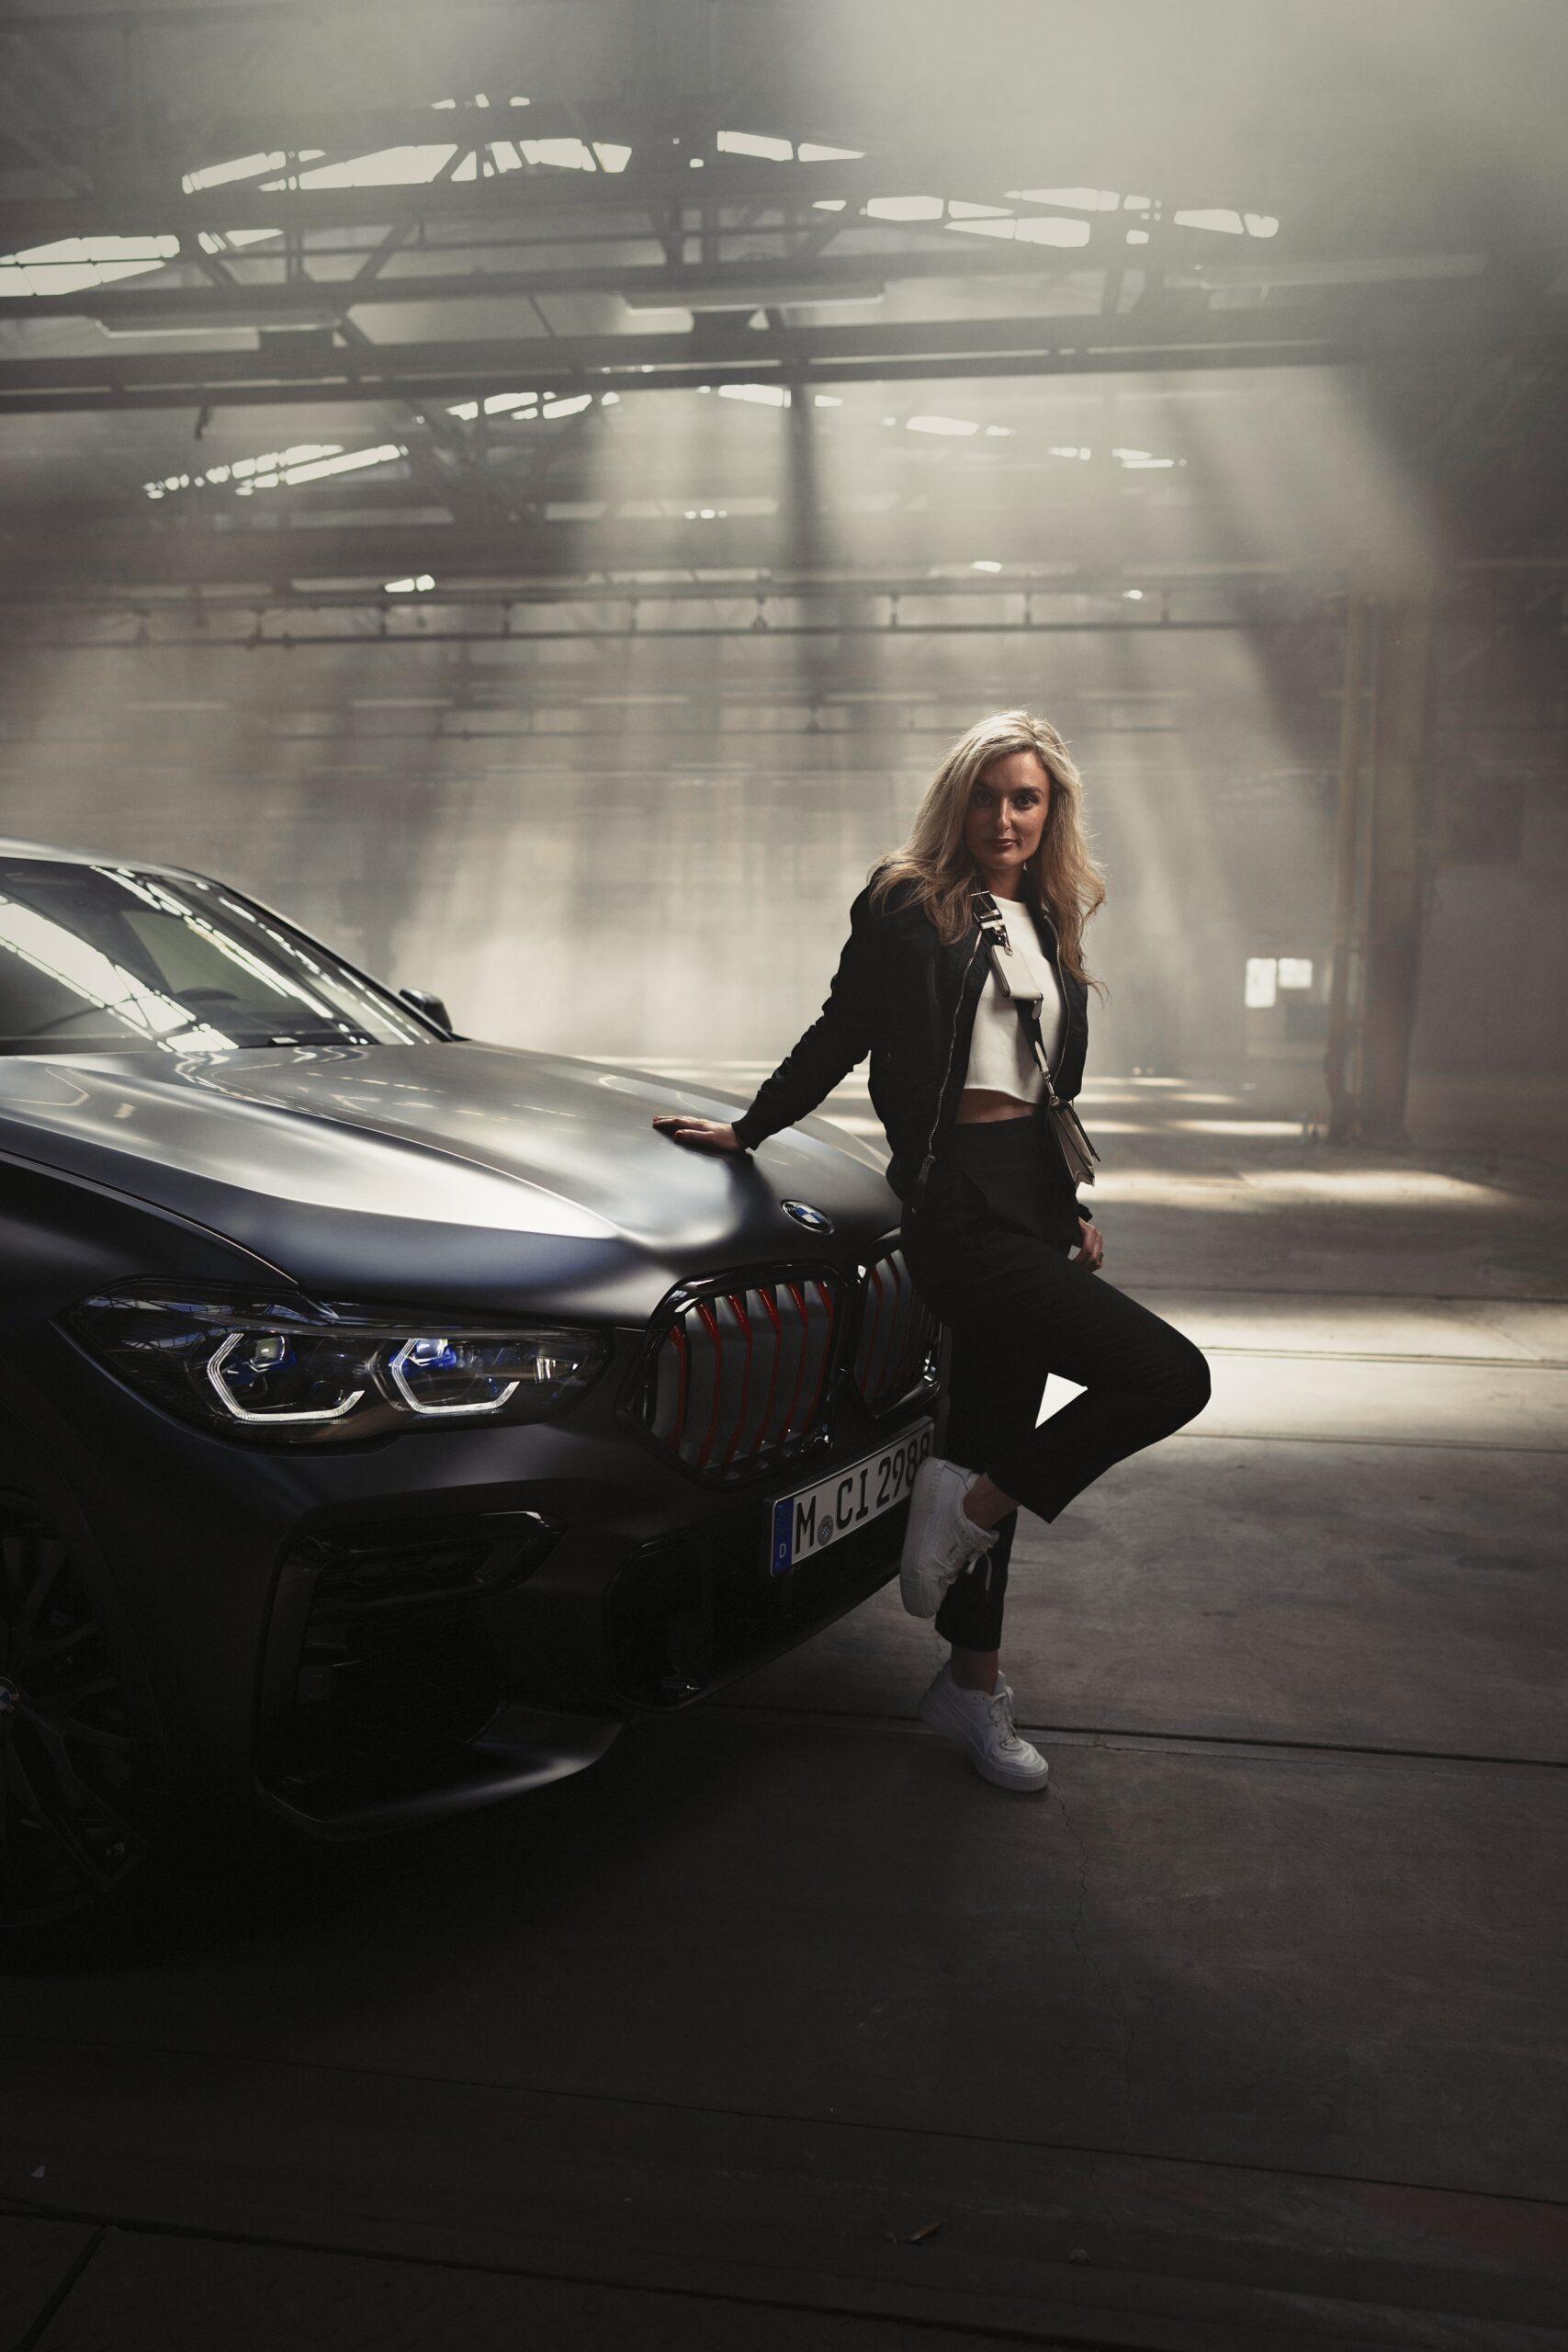 Black Vermilion – Limierte Edition von BMW X5, X6 und X7, Nina weizenecker